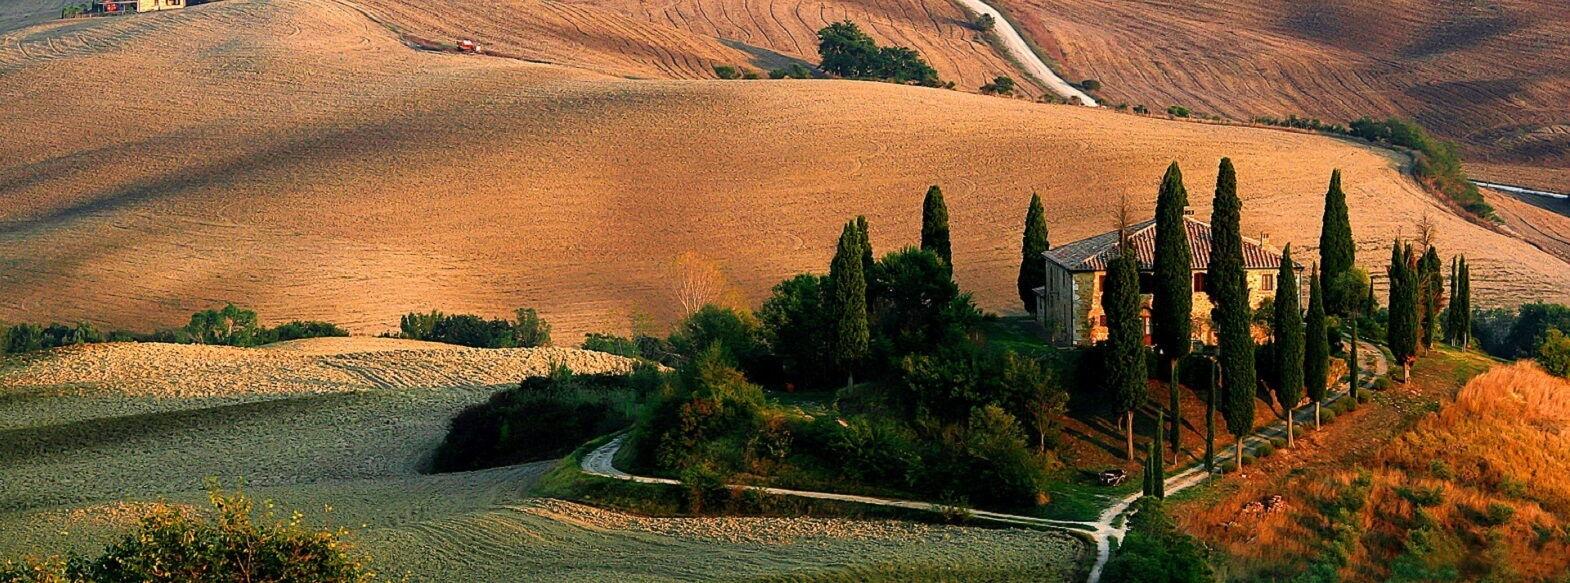 Campagna Toscana Panorama Volterra